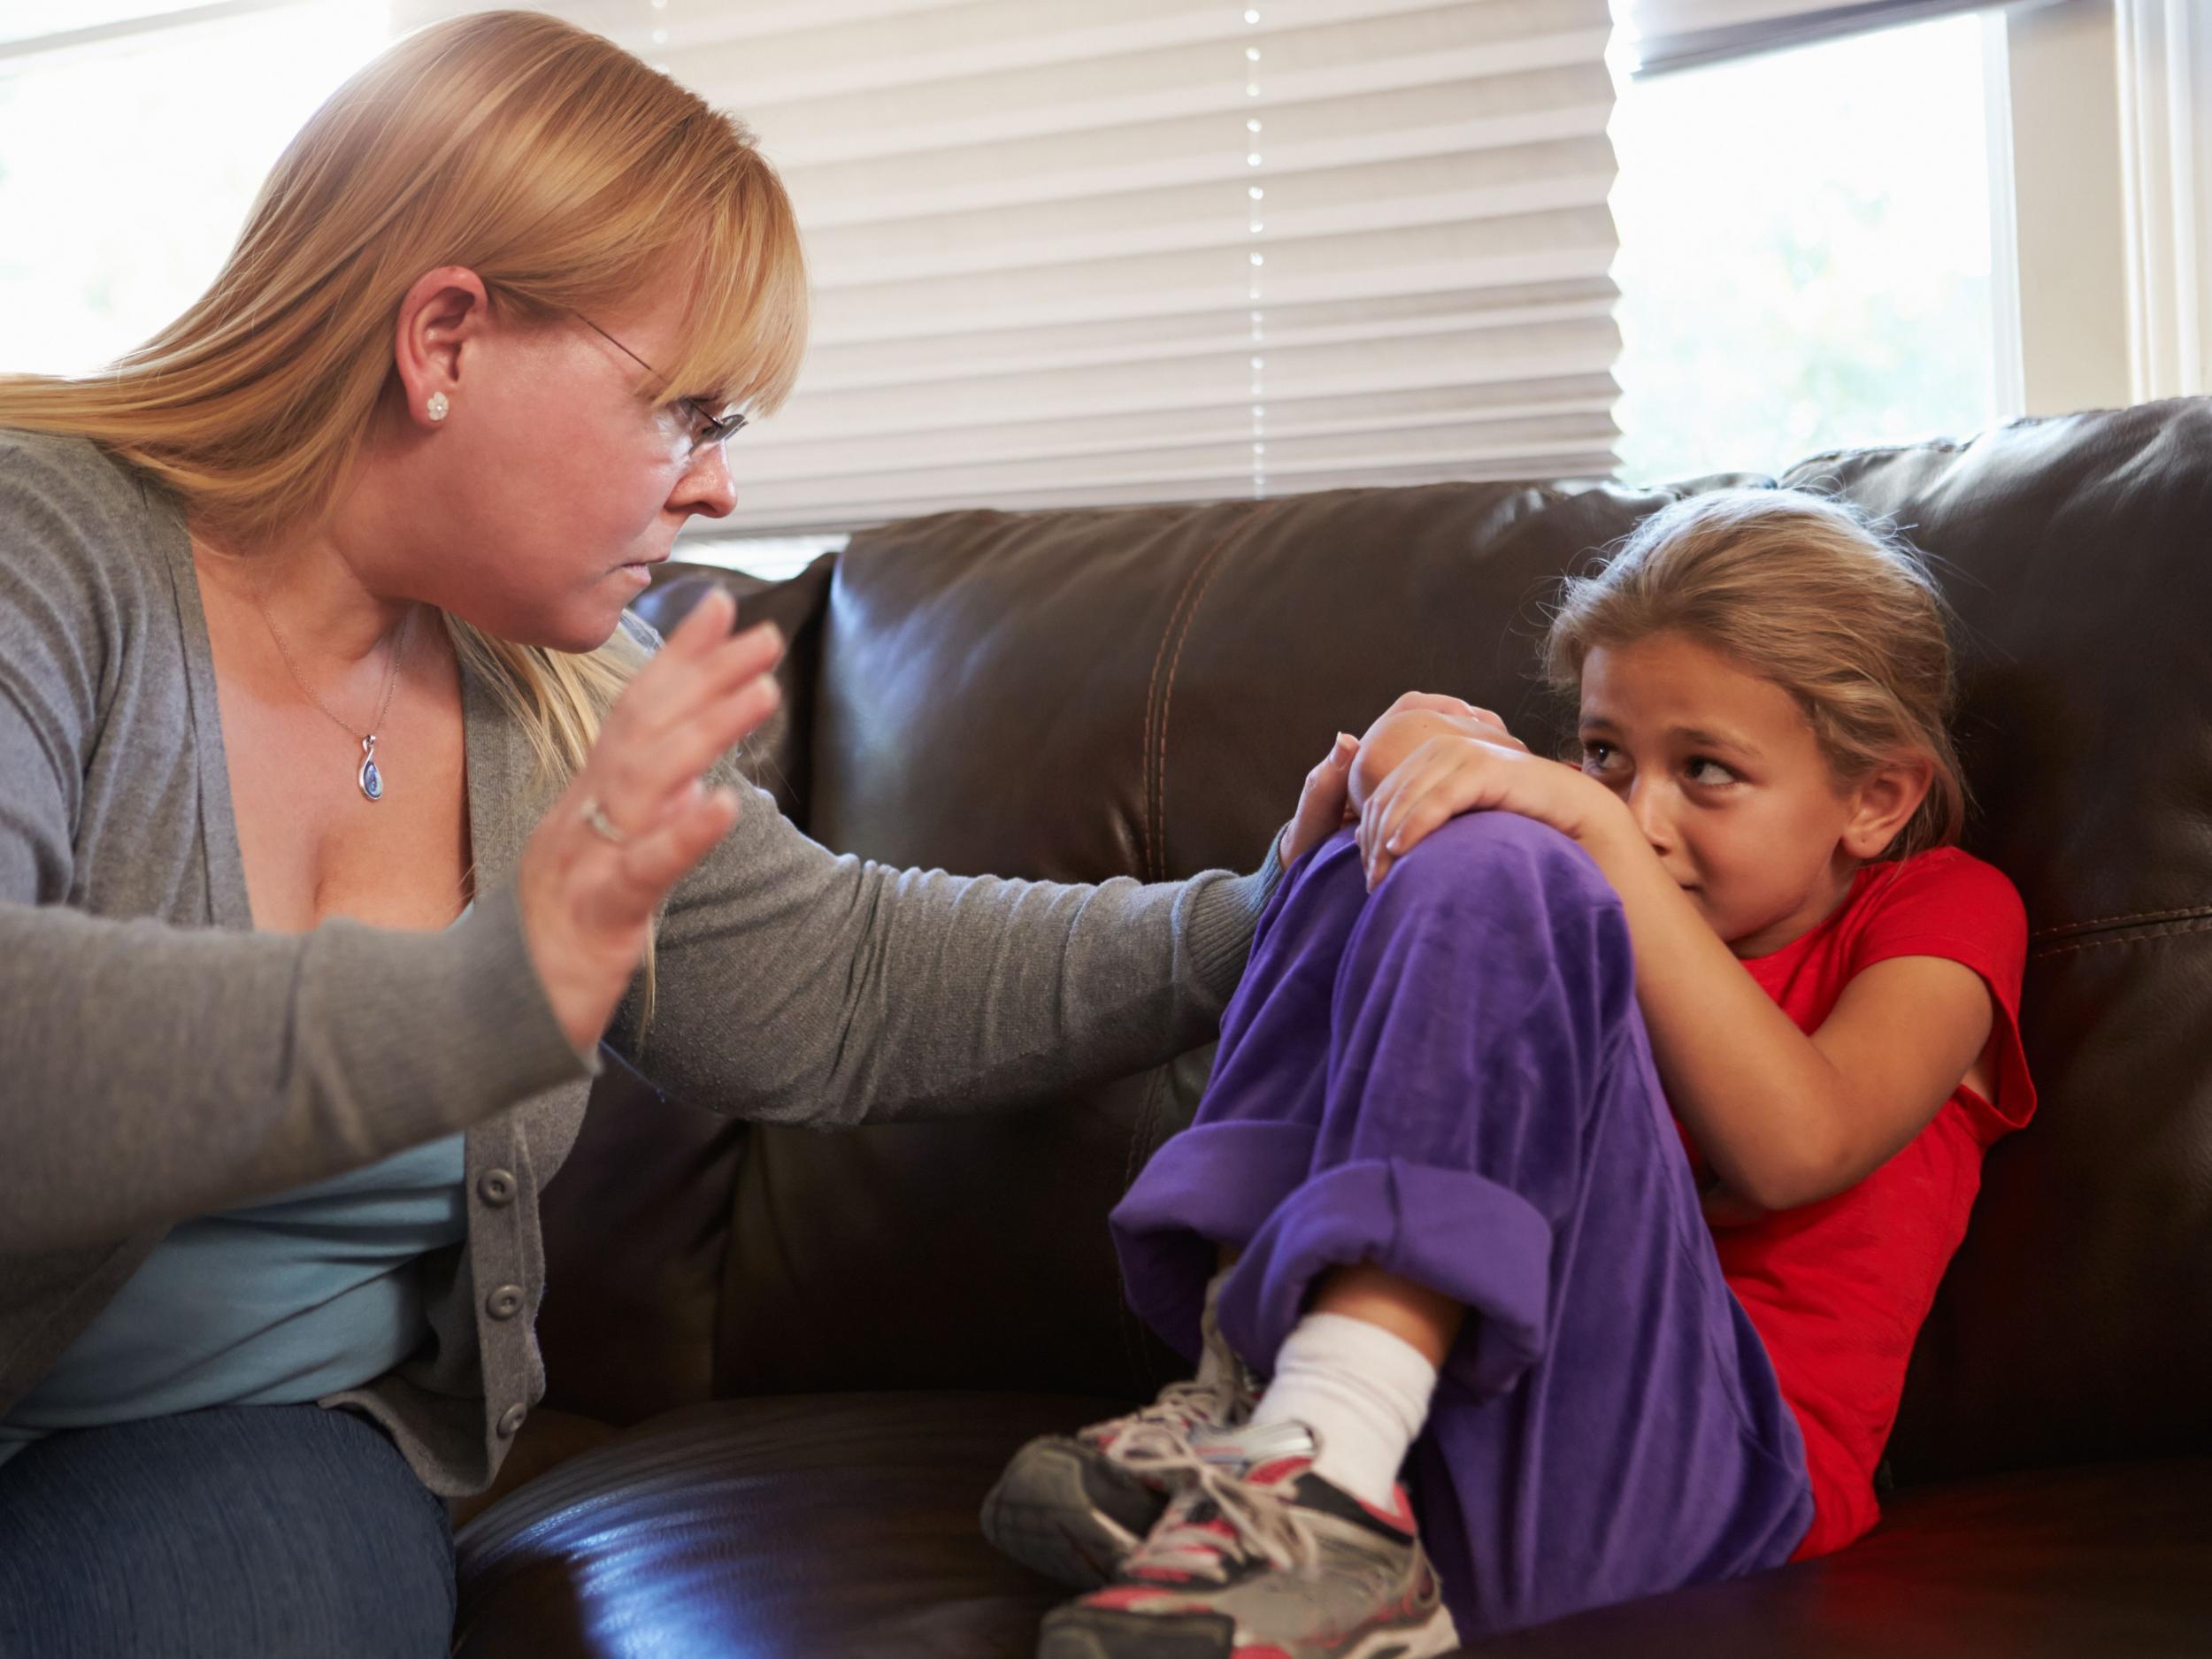 Đánh đập trẻ em cần được cấm để bảo vệ sức khỏe tinh thần, chuyên gia tâm lý chia sẻ